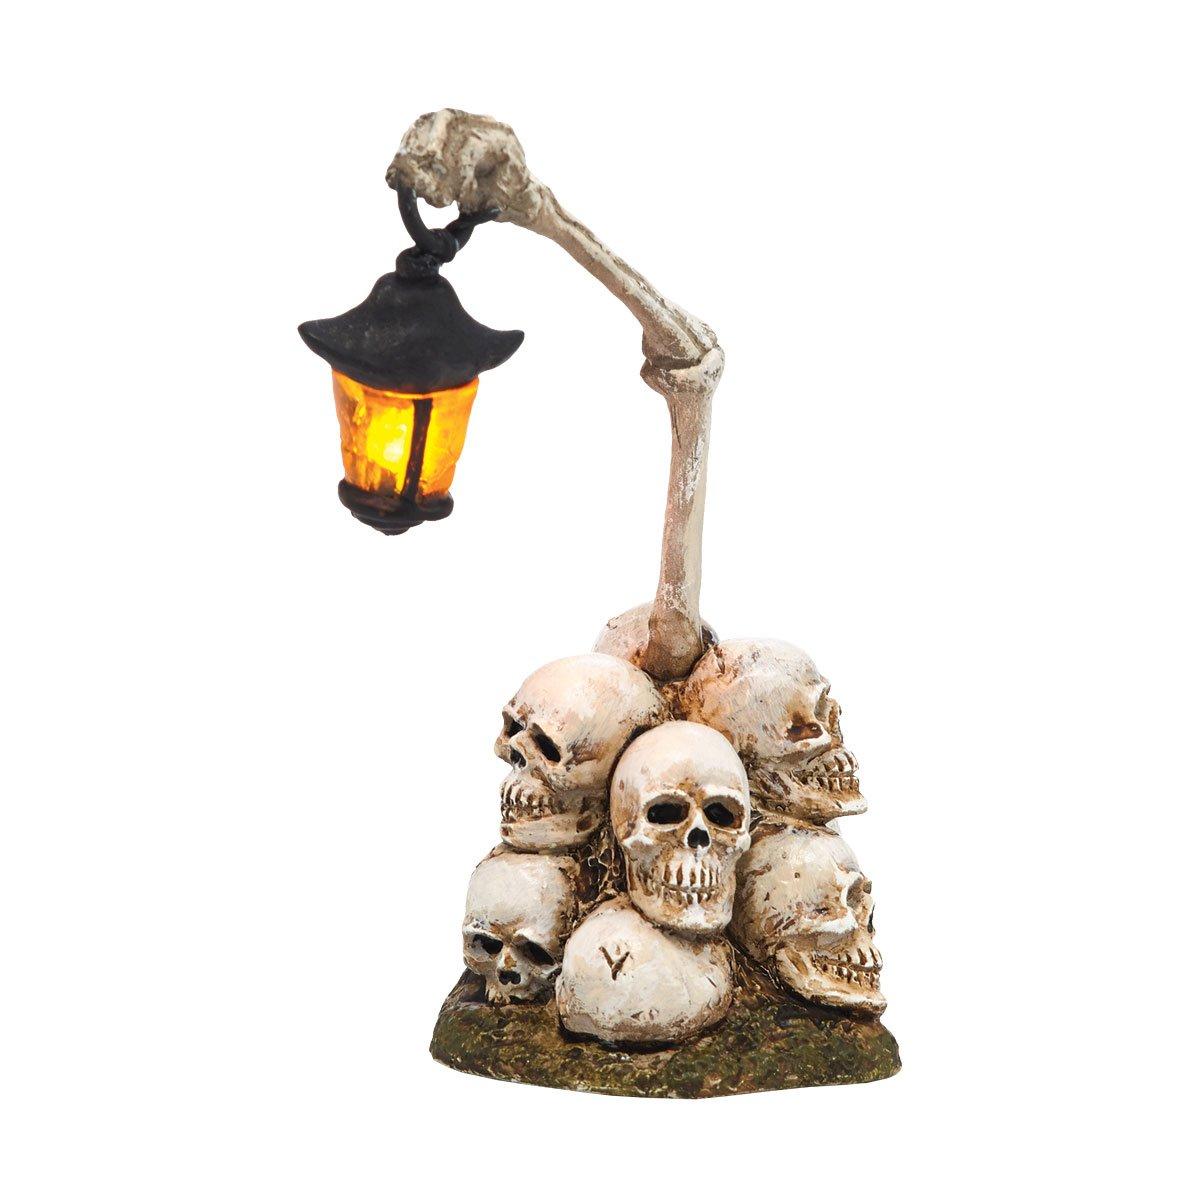 Department 56 Halloween Accessories Village Boneyard Lantern Lights, 1.57-Inch 4038899